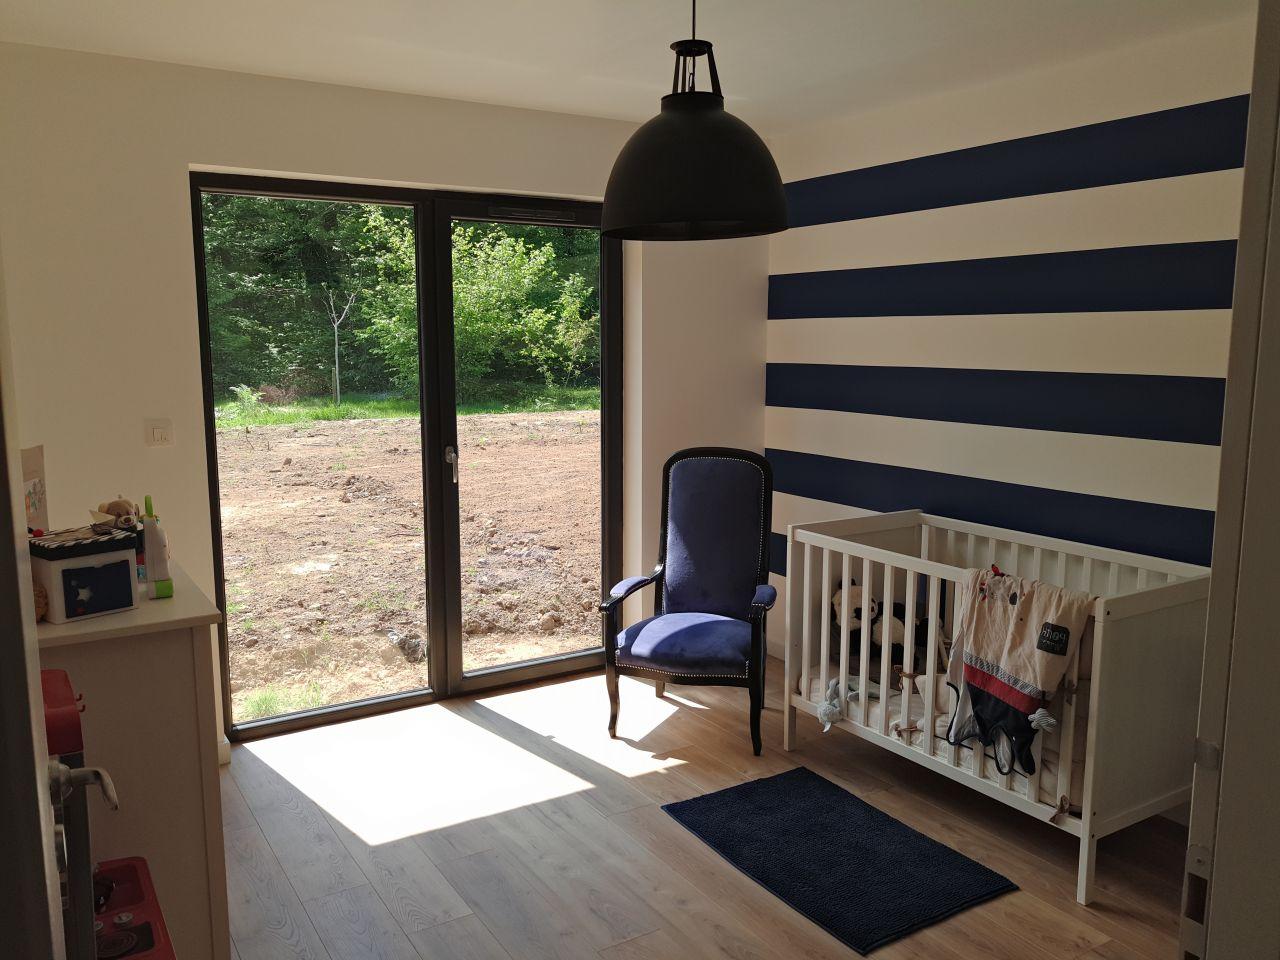 Chambre d'enfant. - La décoration a été réalisé par Hésione Design www.hesionedesign.com, décoratrice d'intérieur dans le Morbihan. - La couleur du fauteuil ...